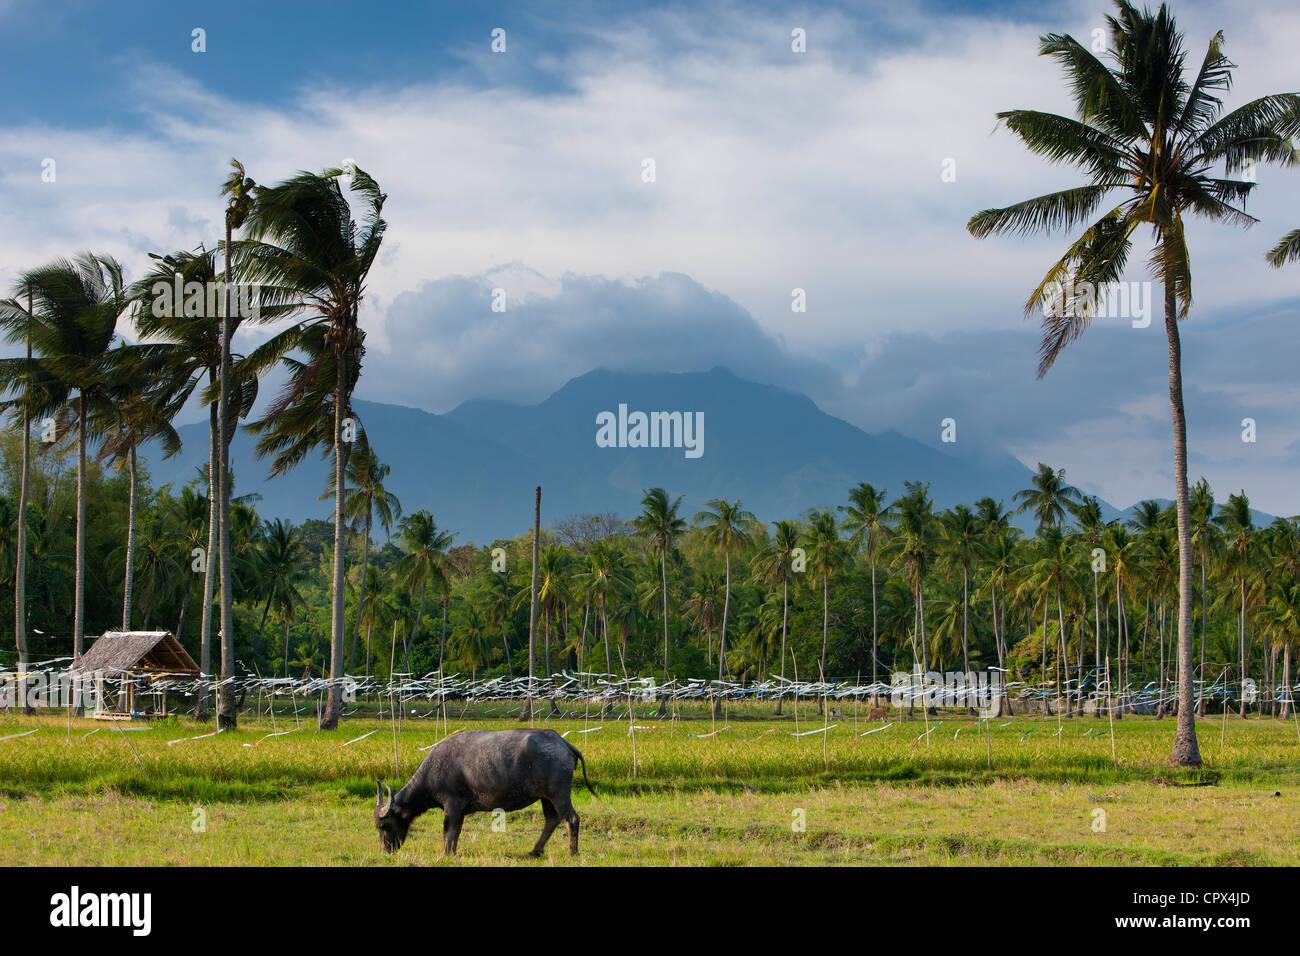 Un pastoreo de búfalos con campos de arroz, palmeras y las montañas más allá, nr Malatapay, Imagen De Stock